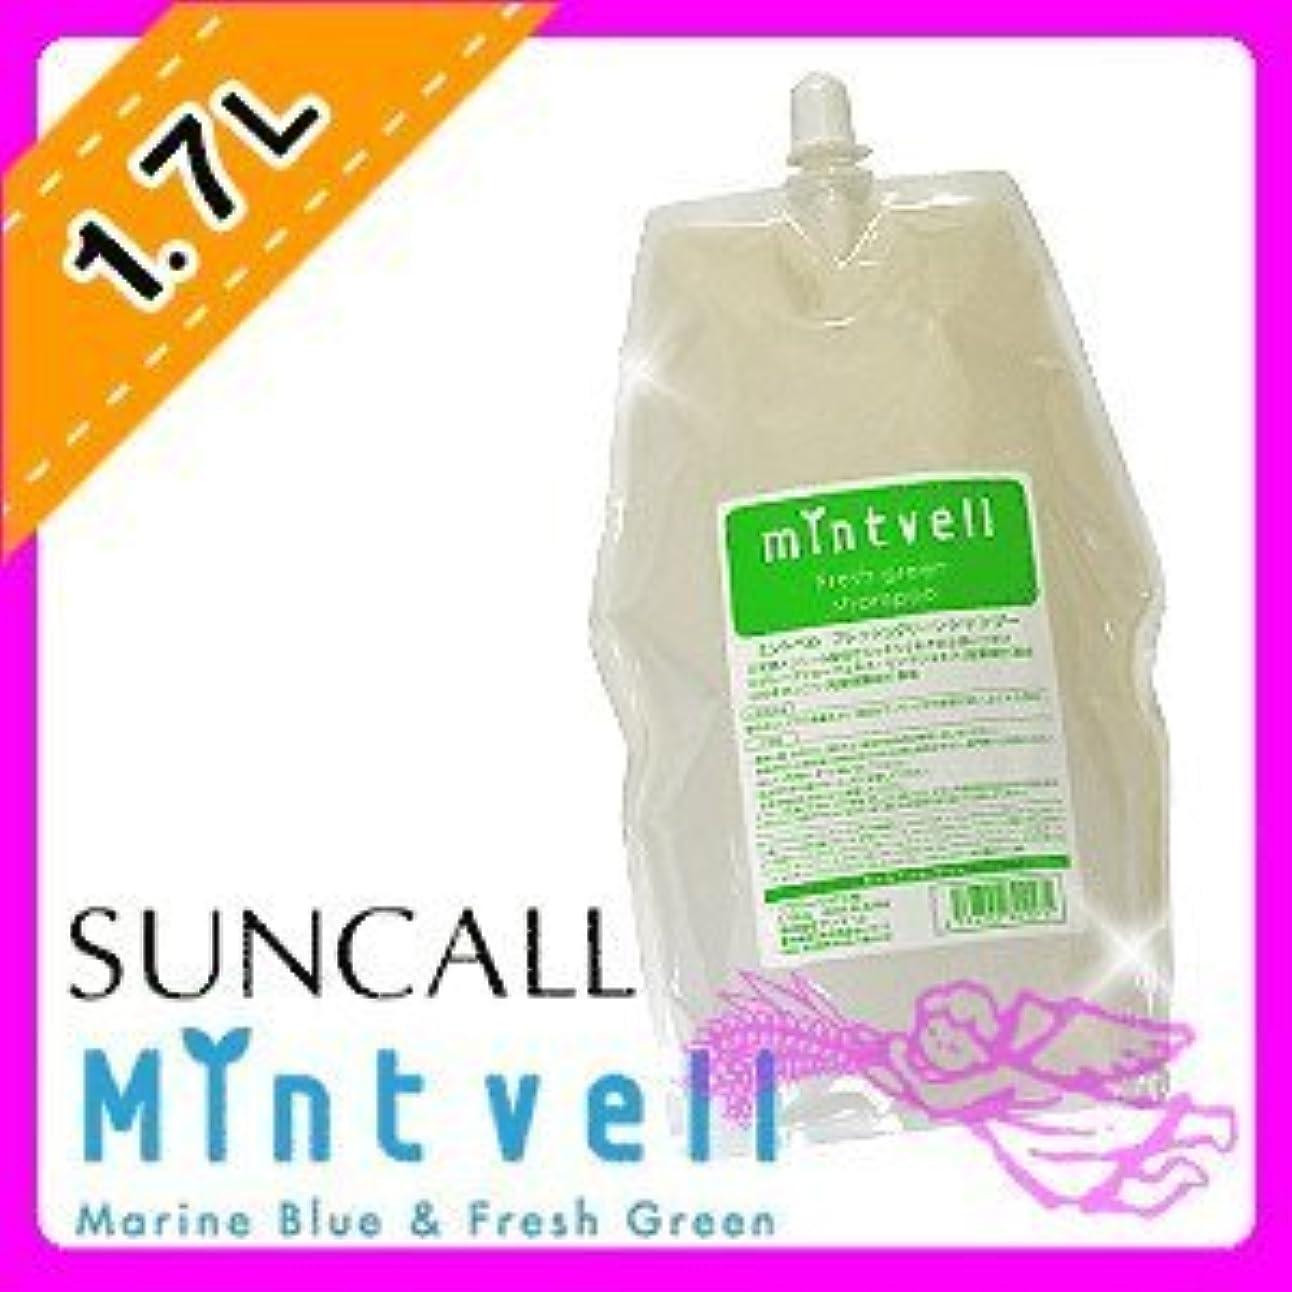 繁栄する知覚する支給サンコール ミントベル フレッシュグリーン シャンプー <1700mL> 詰め替え用 SUNCALL mintvell メントール